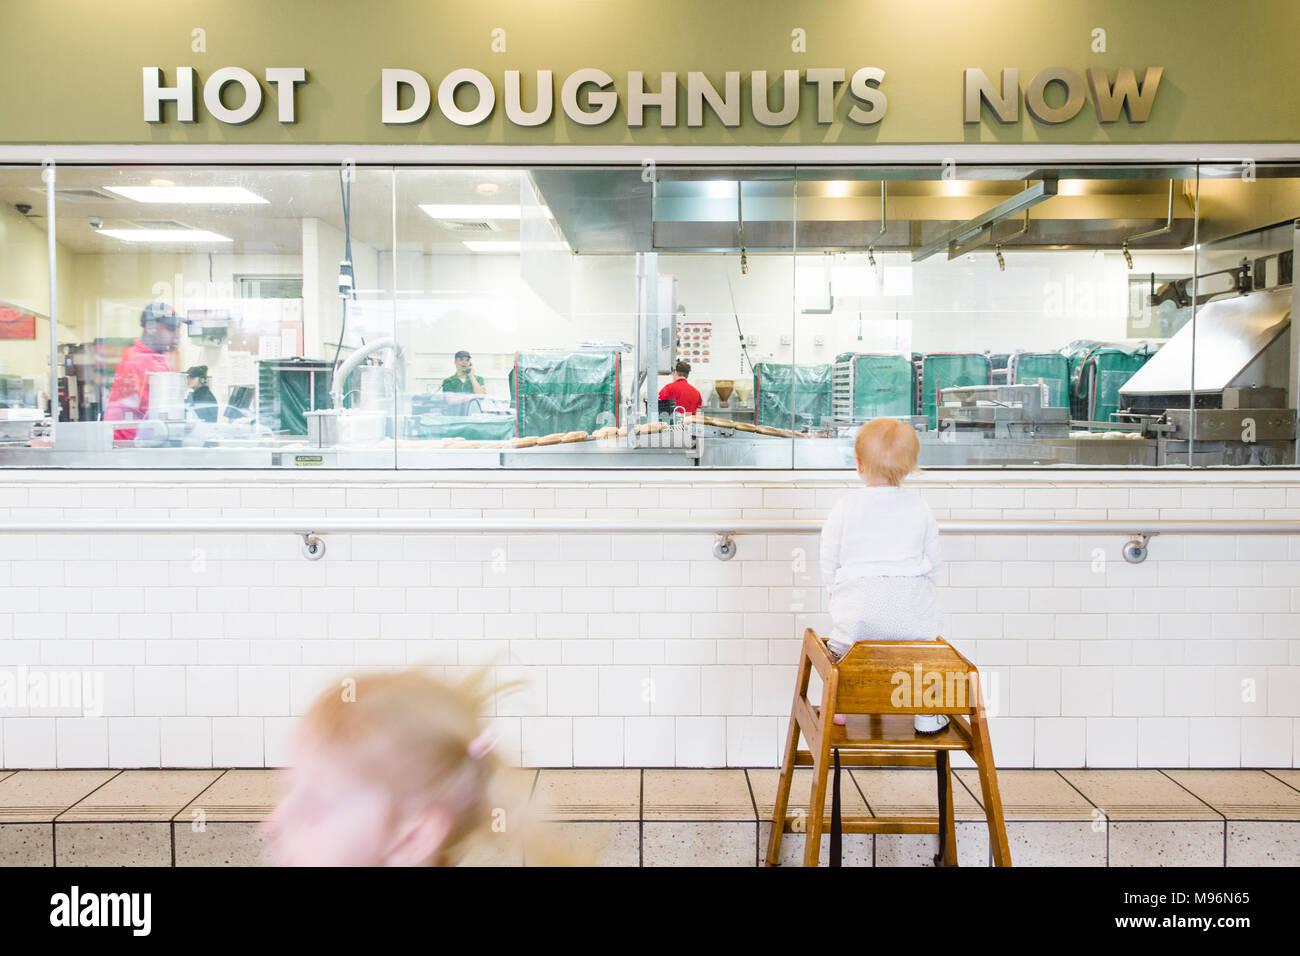 Kinder auf Donuts vorbereitet wird. Stockbild